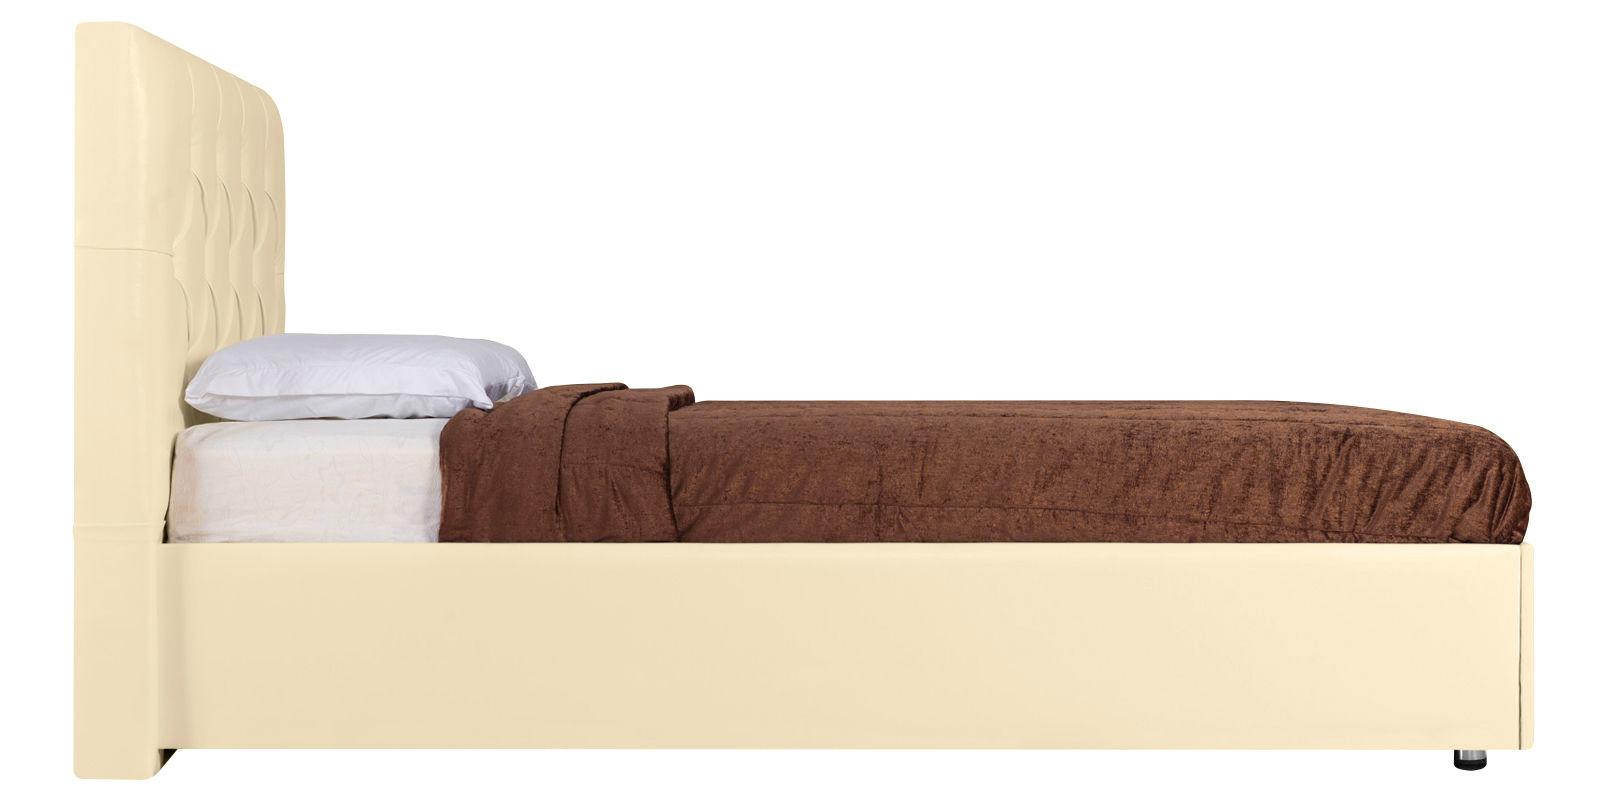 Мягкая кровать 200х160 Малибу вариант №2 с подъемным механизмом (Бежевый)